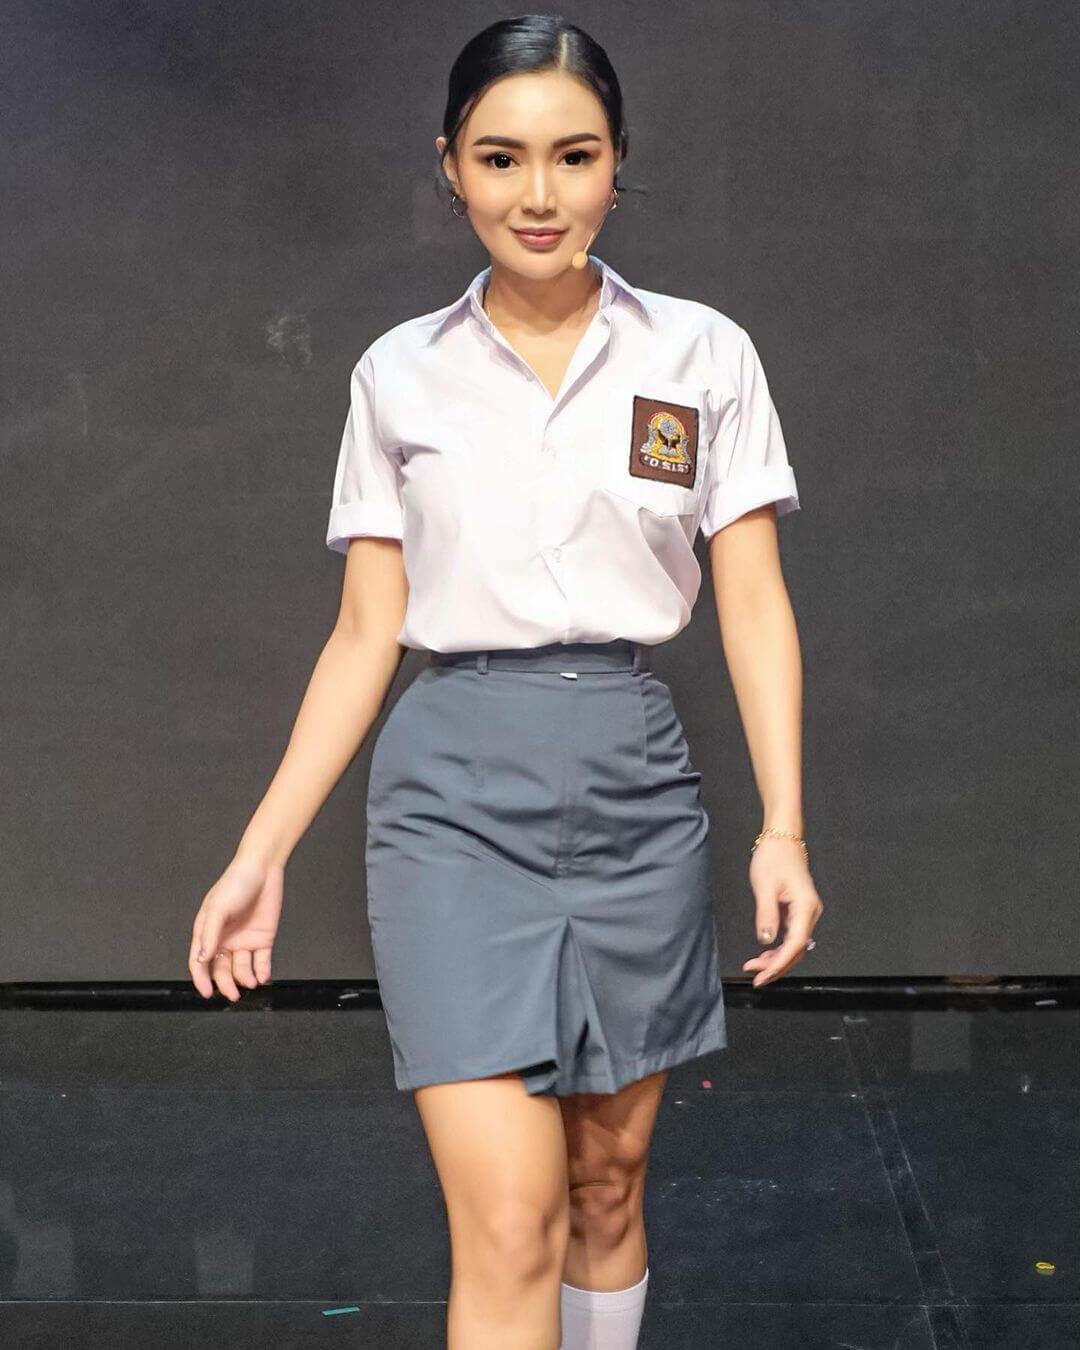 Indonesian Girl Wika Salim